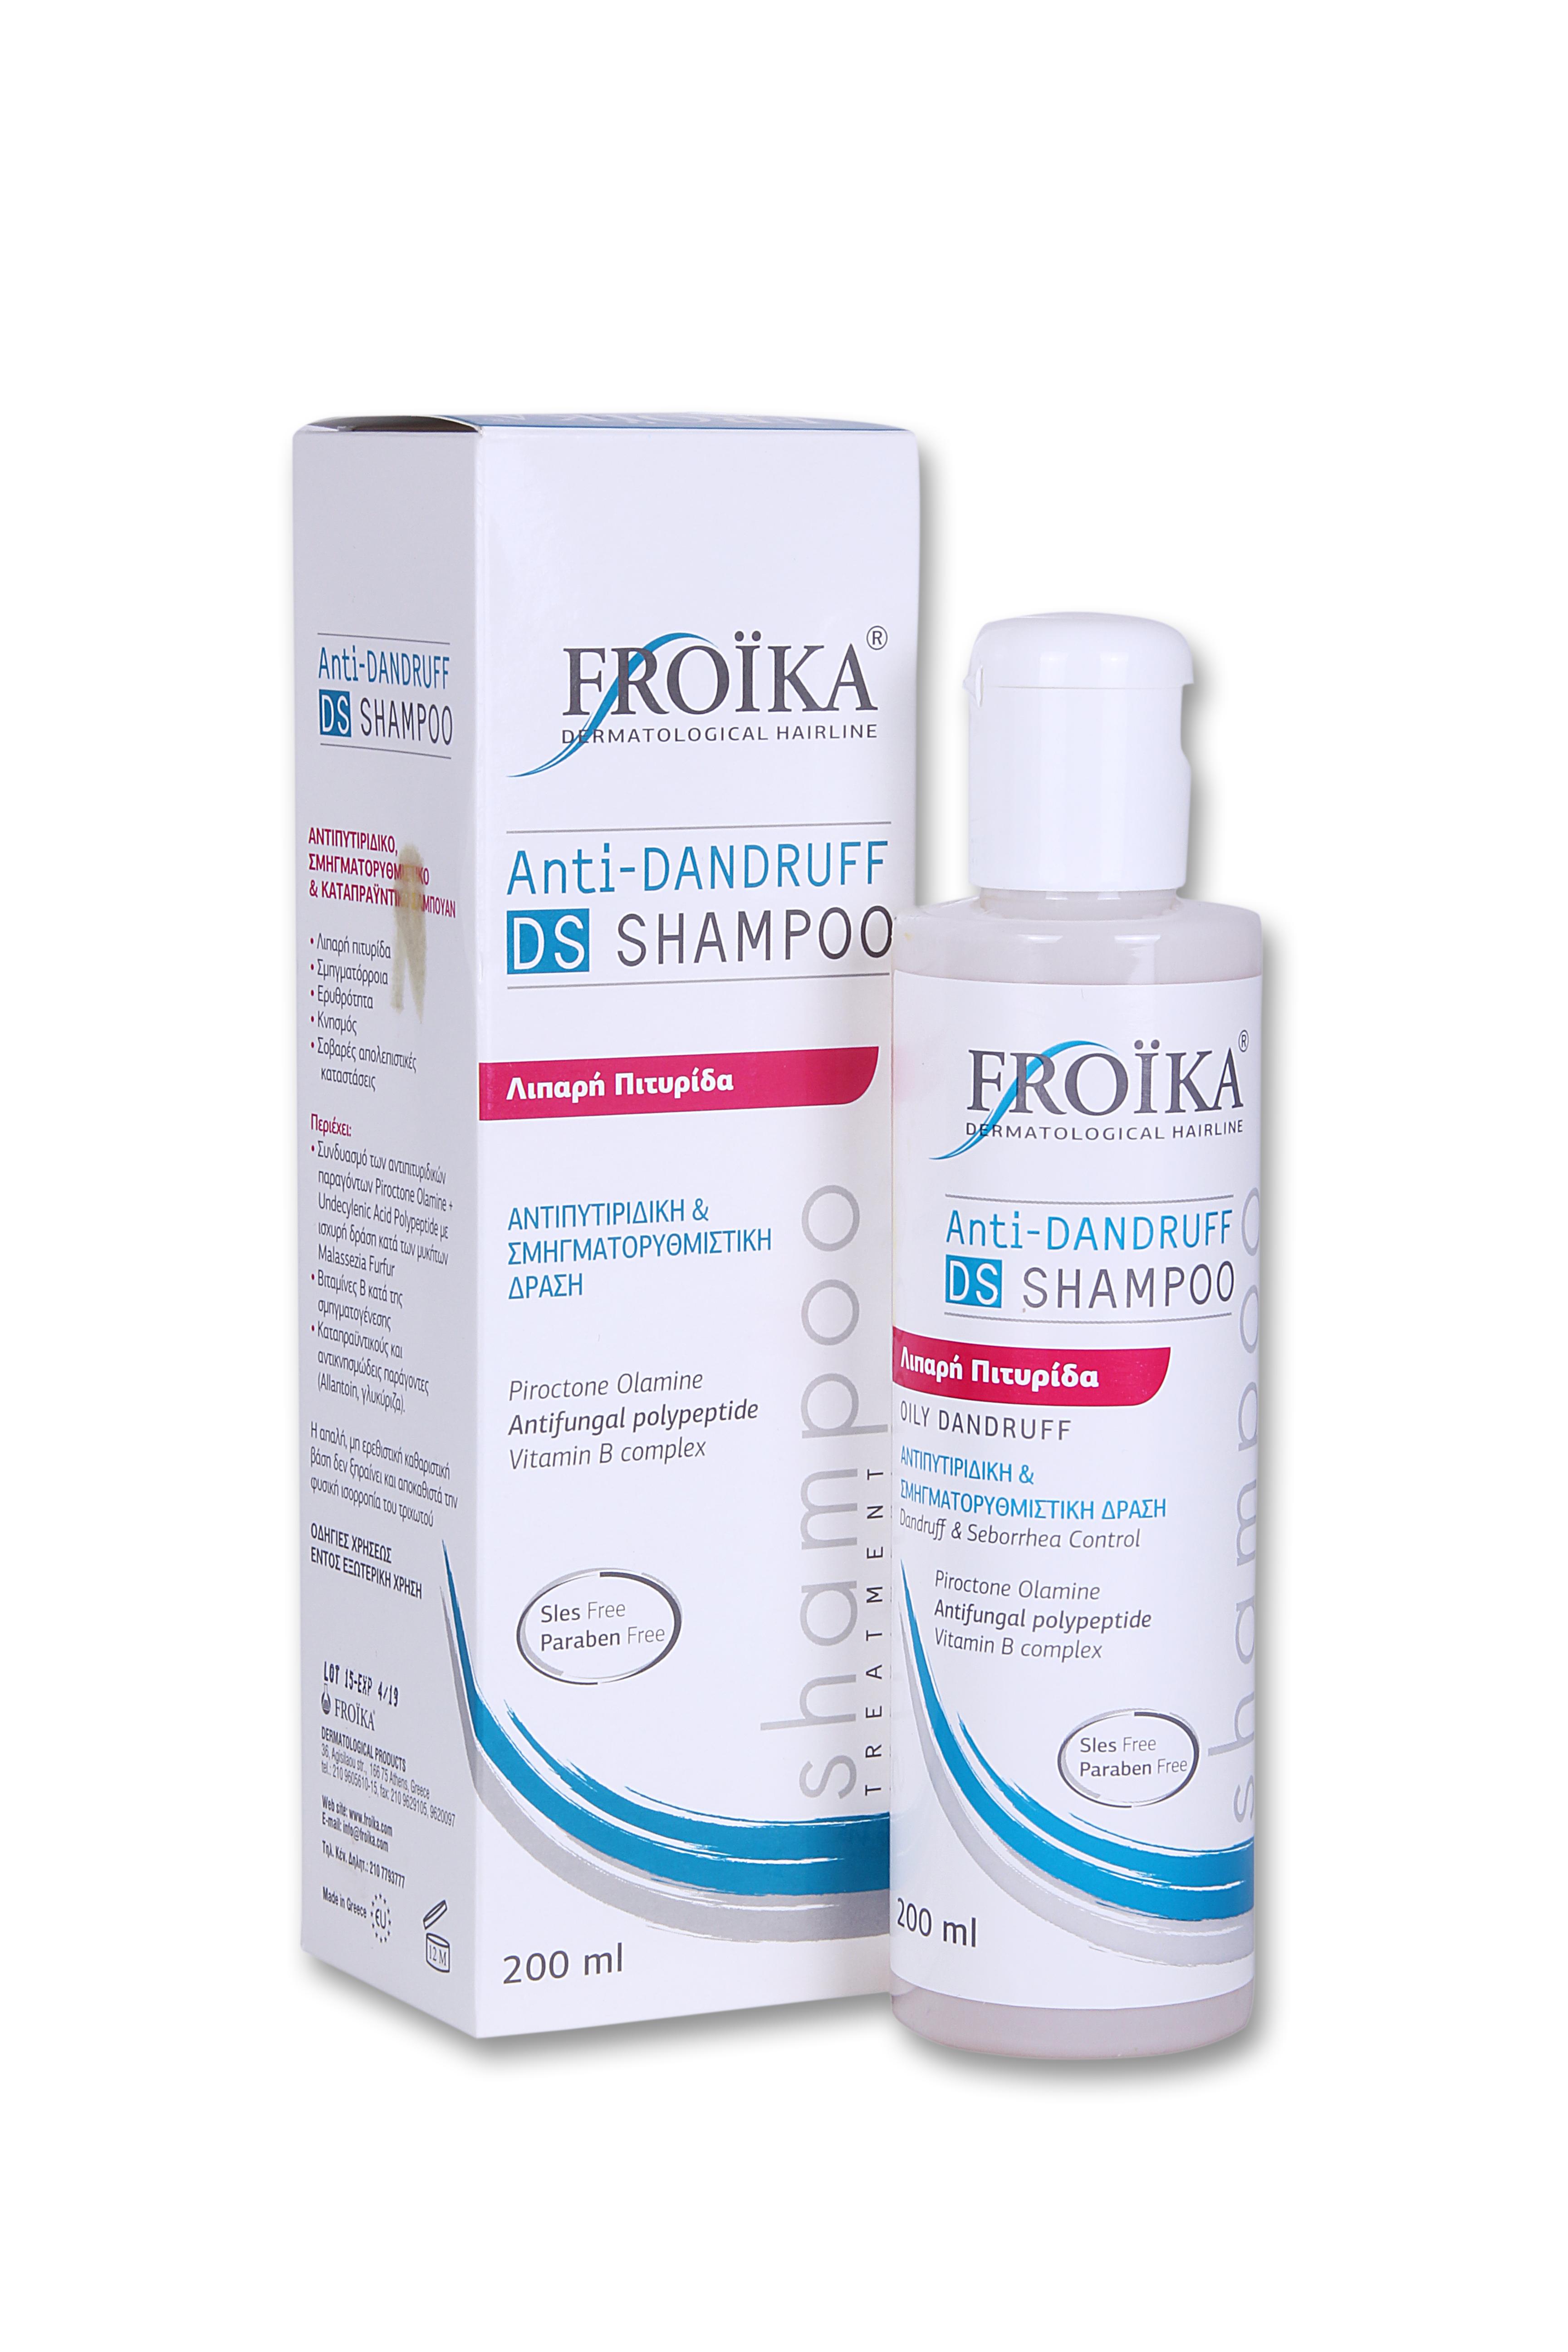 Froika Anti Dandruff Ds Shampoo Πεπτιδιακό Σαμπουάν Κατά Της Λιπαρής Πιτυρίδας και της Σμηγματόροιας 200ml